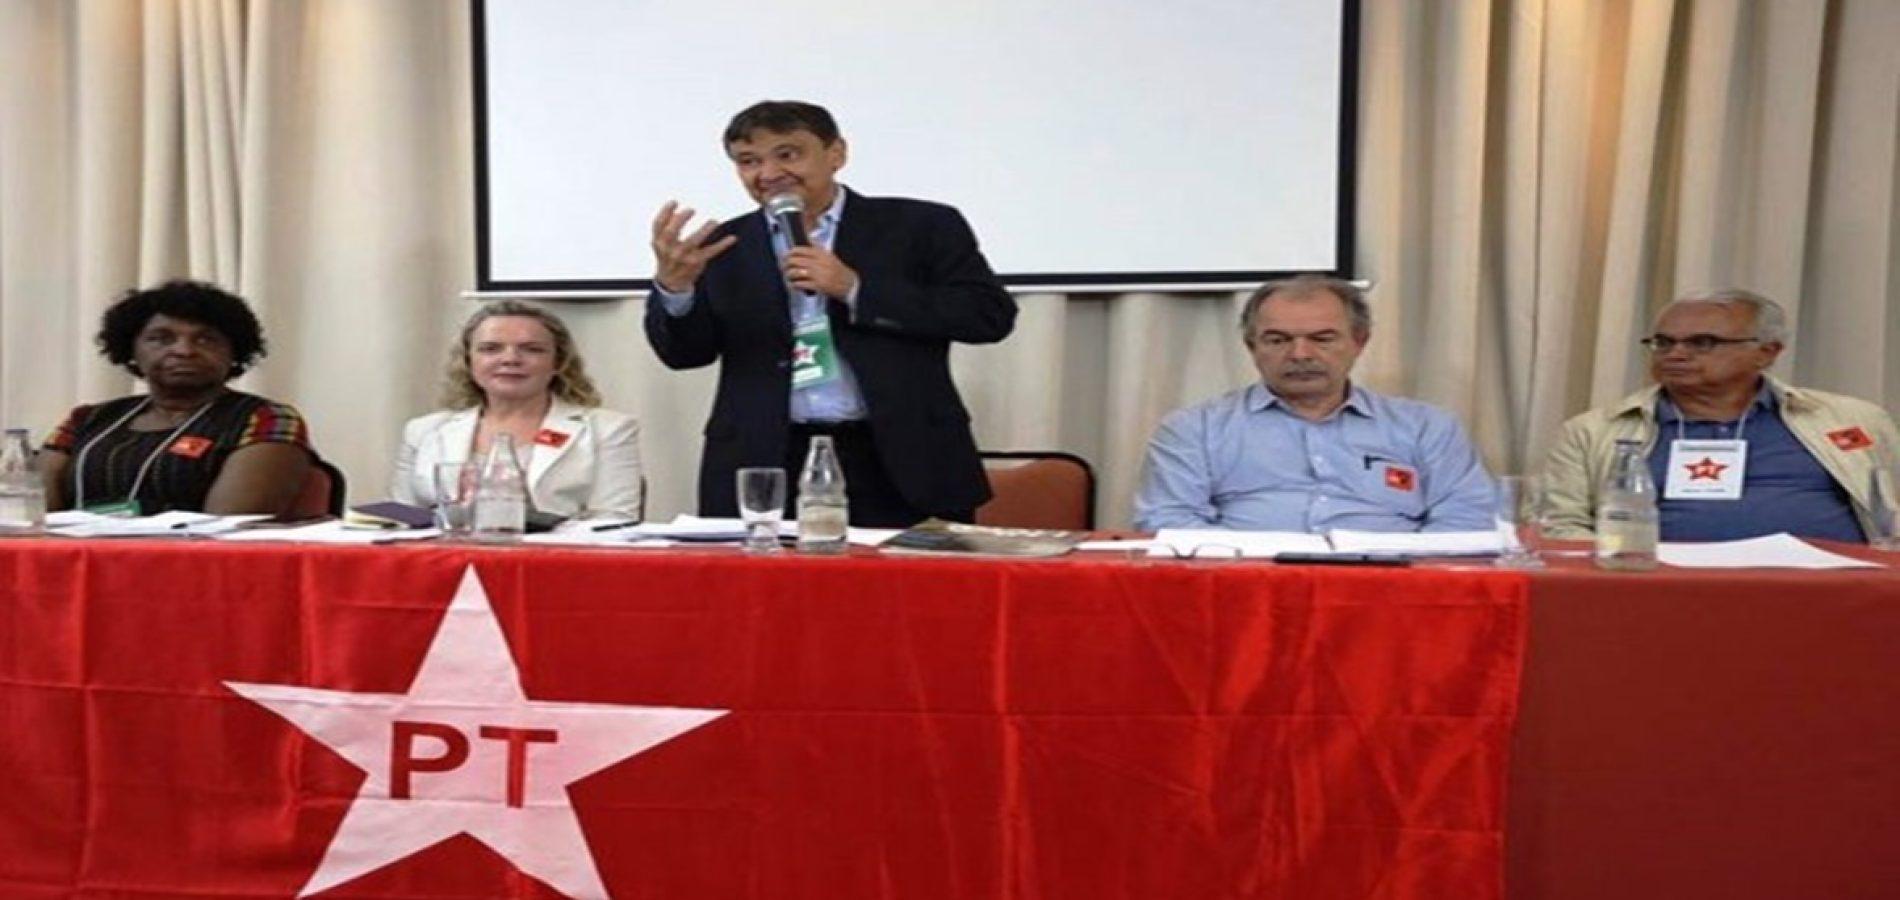 Em aniversário do PT, governador destaca avanços da gestão e lembra Lula